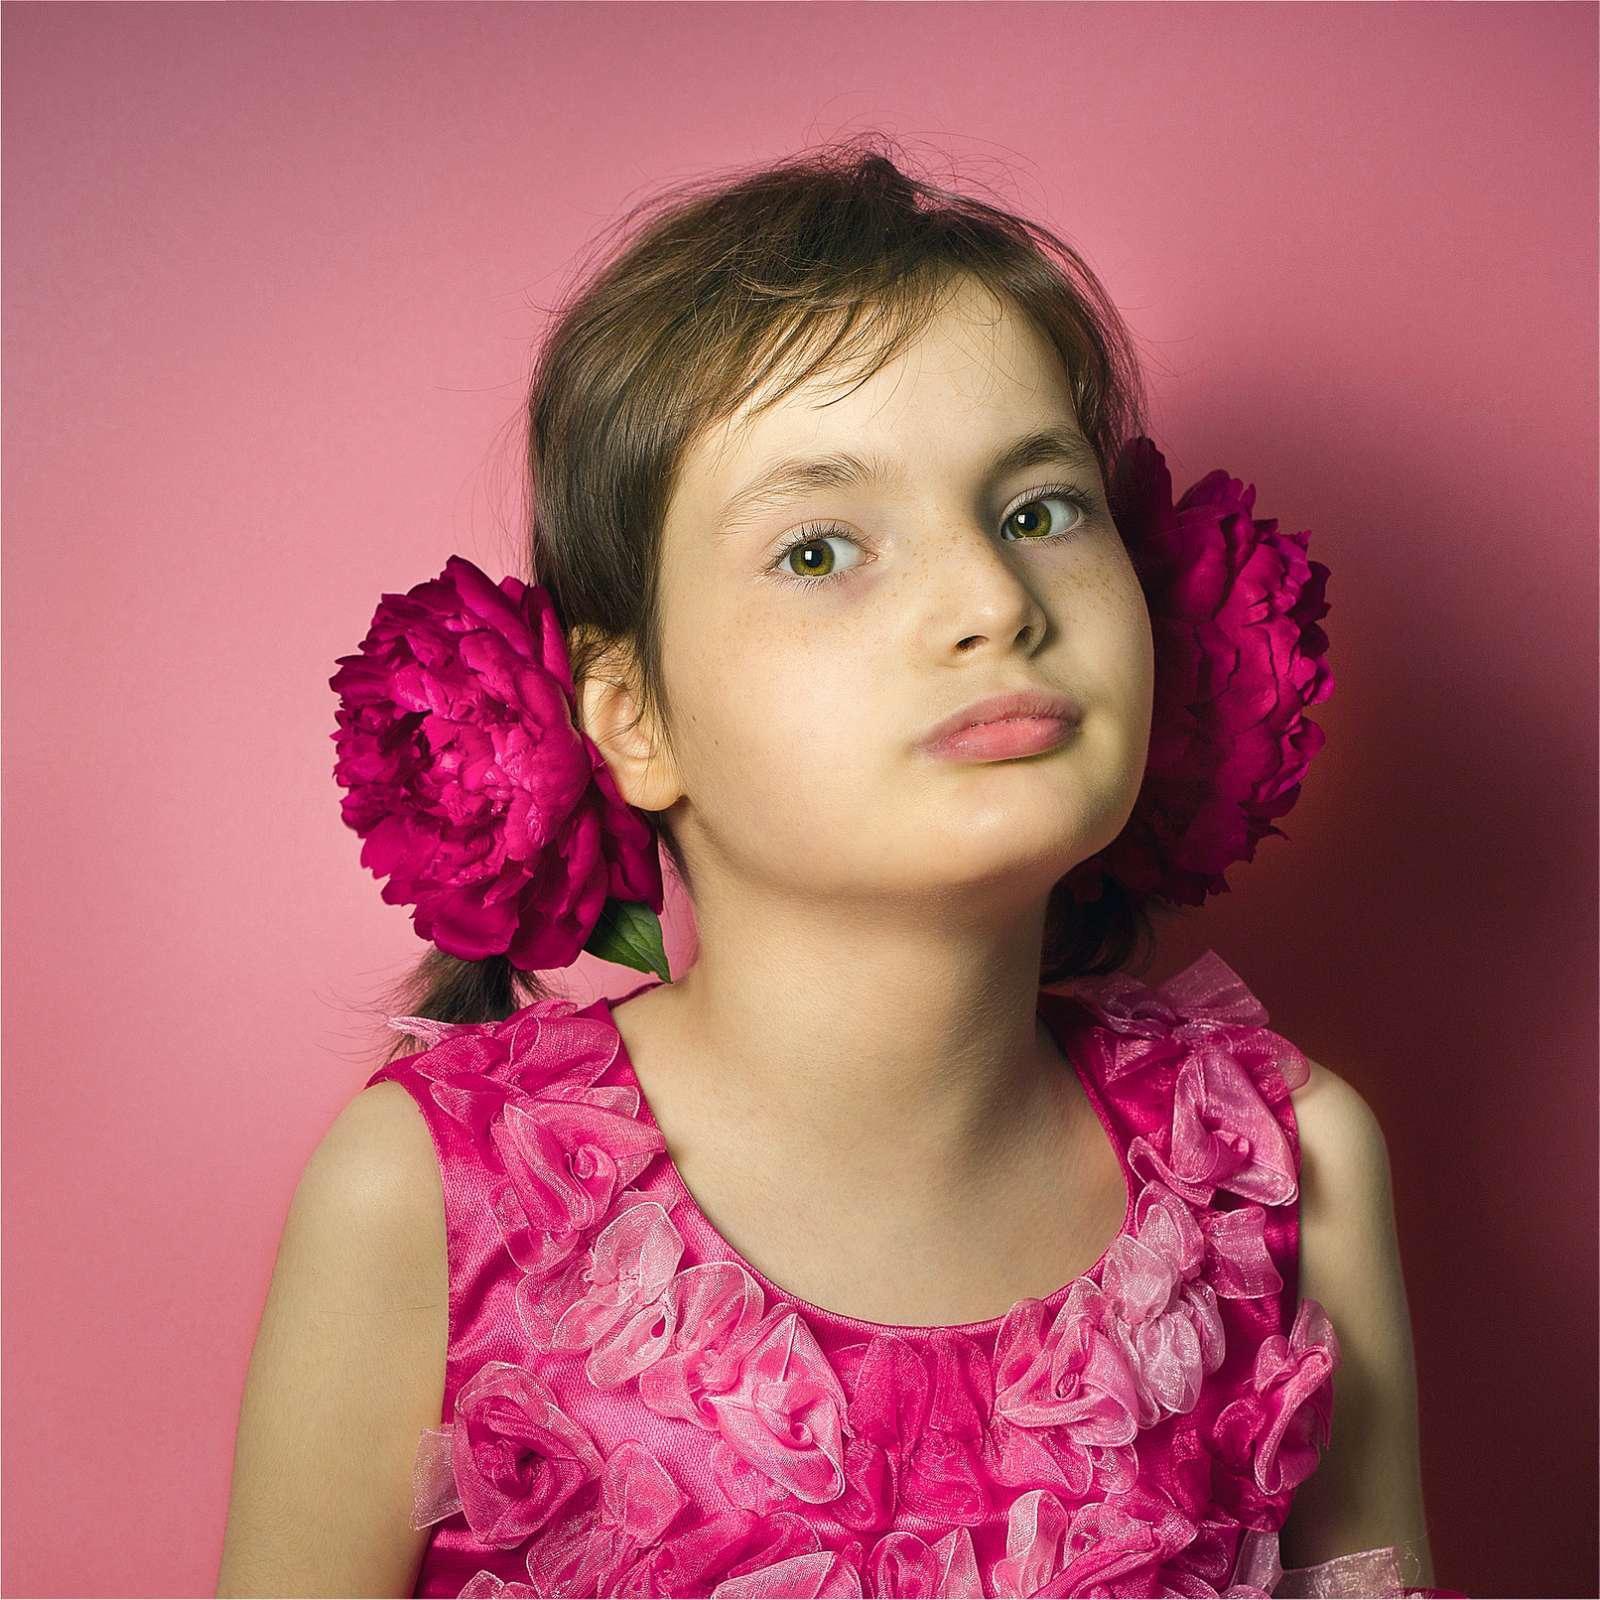 «РЕТТкая» Даша: 11-летней минчанке с тяжелым заболеванием нужна наша помощь